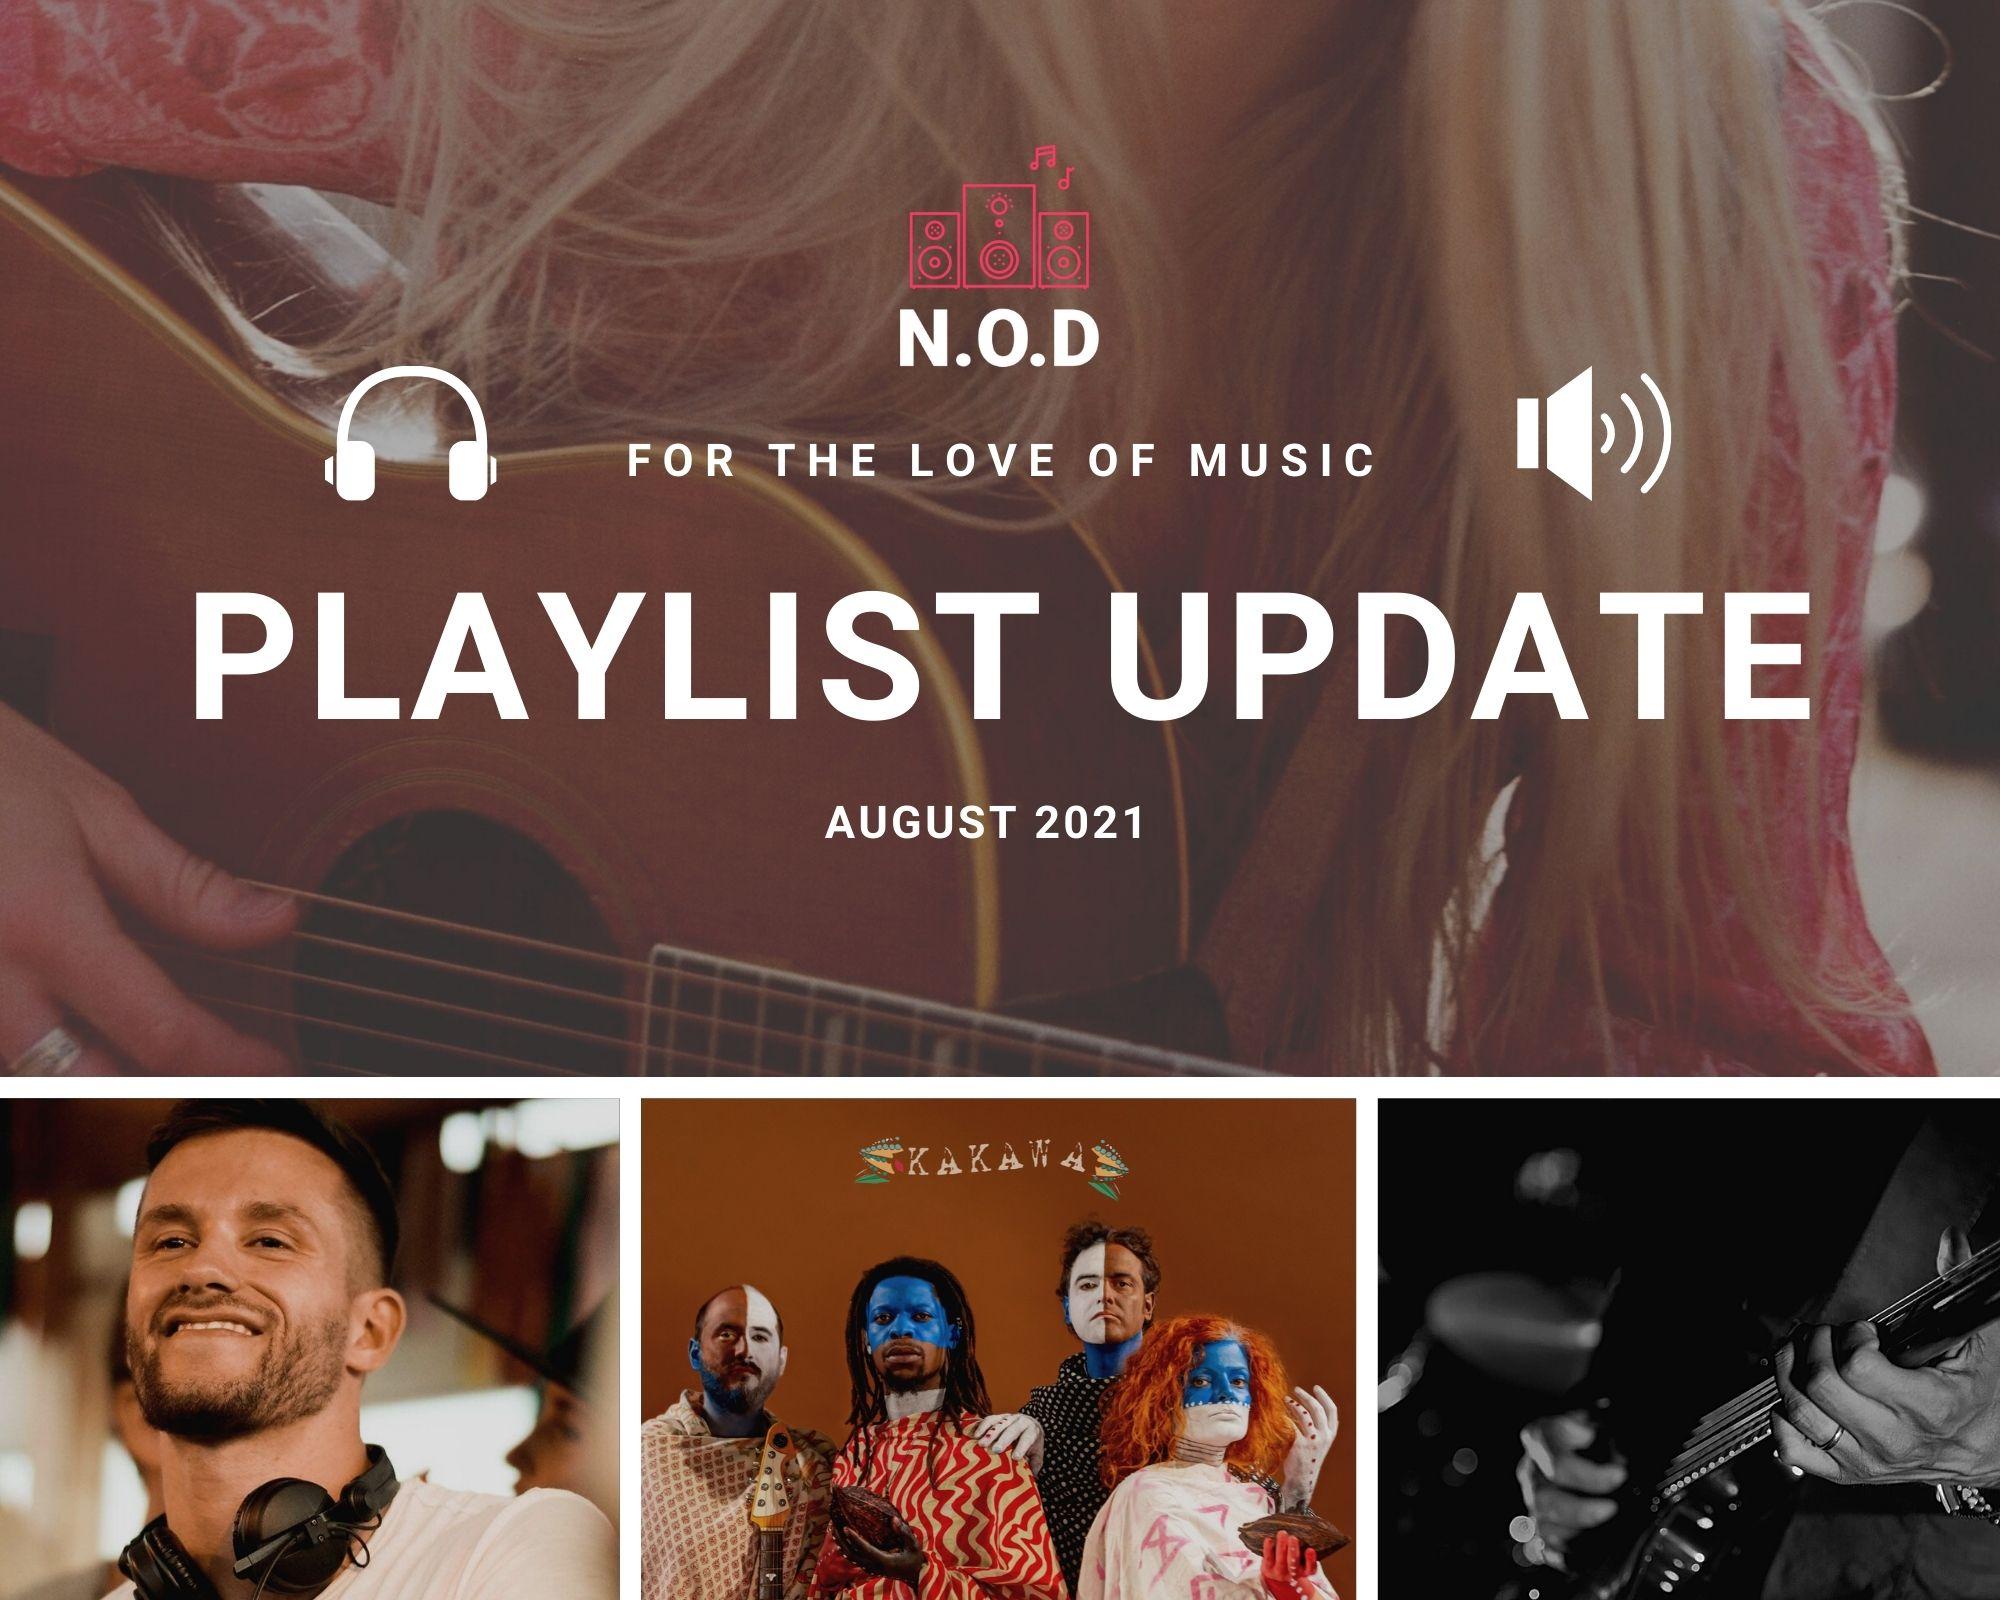 Playlist Update August 2021